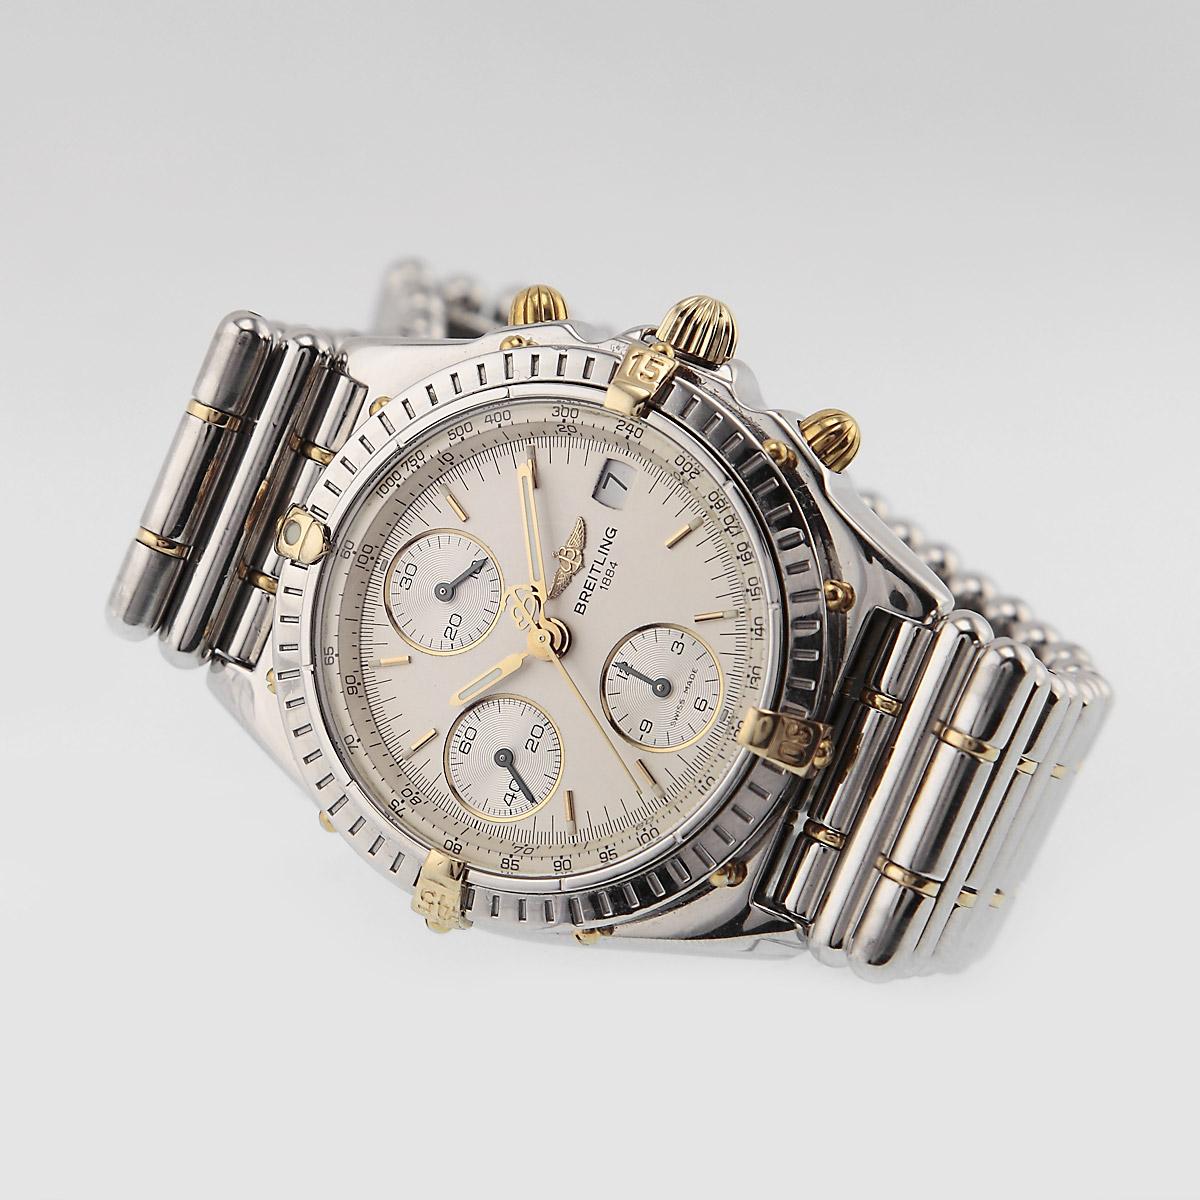 Vintage breitling chronomat history